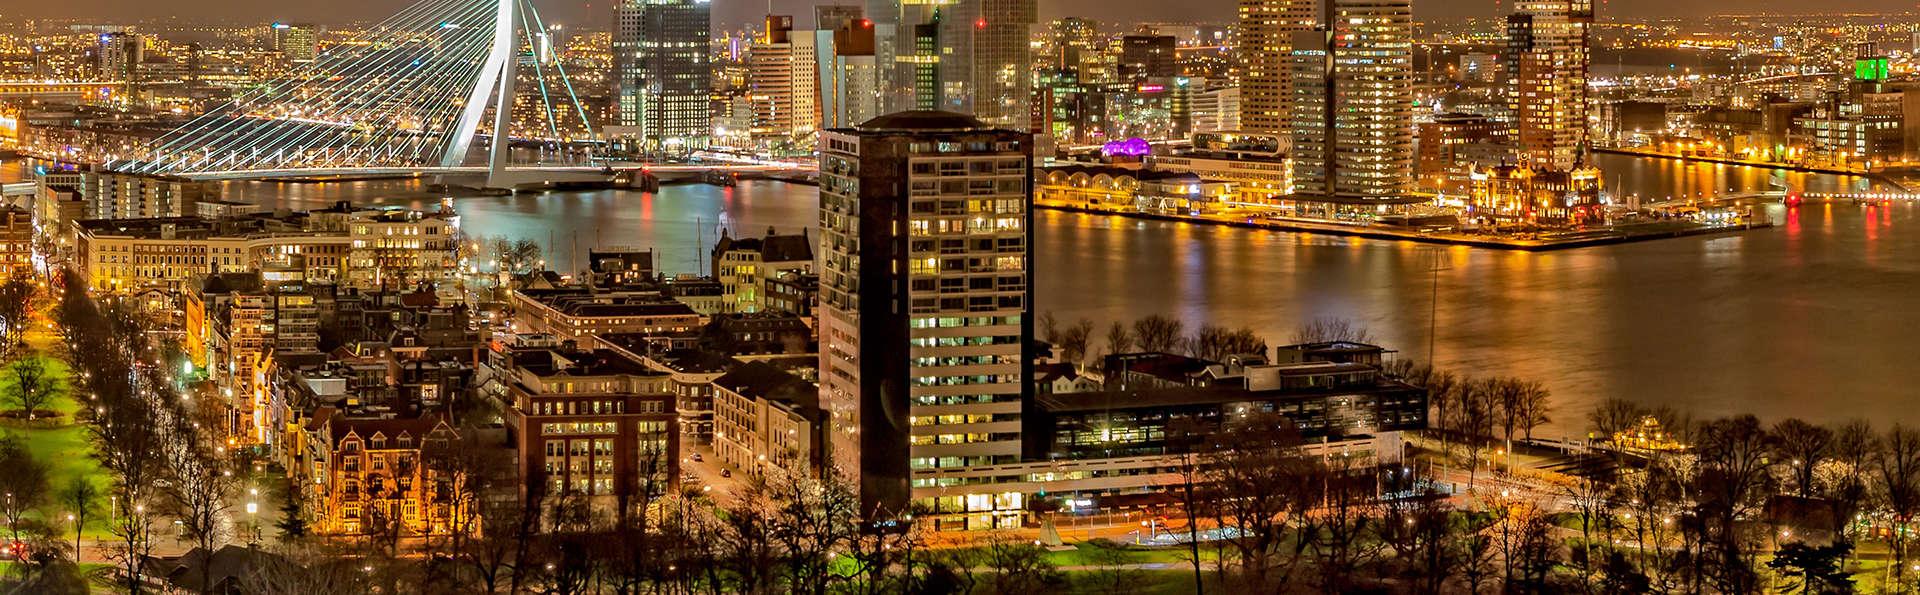 Découvrez les plus beaux endroits de Rotterdam